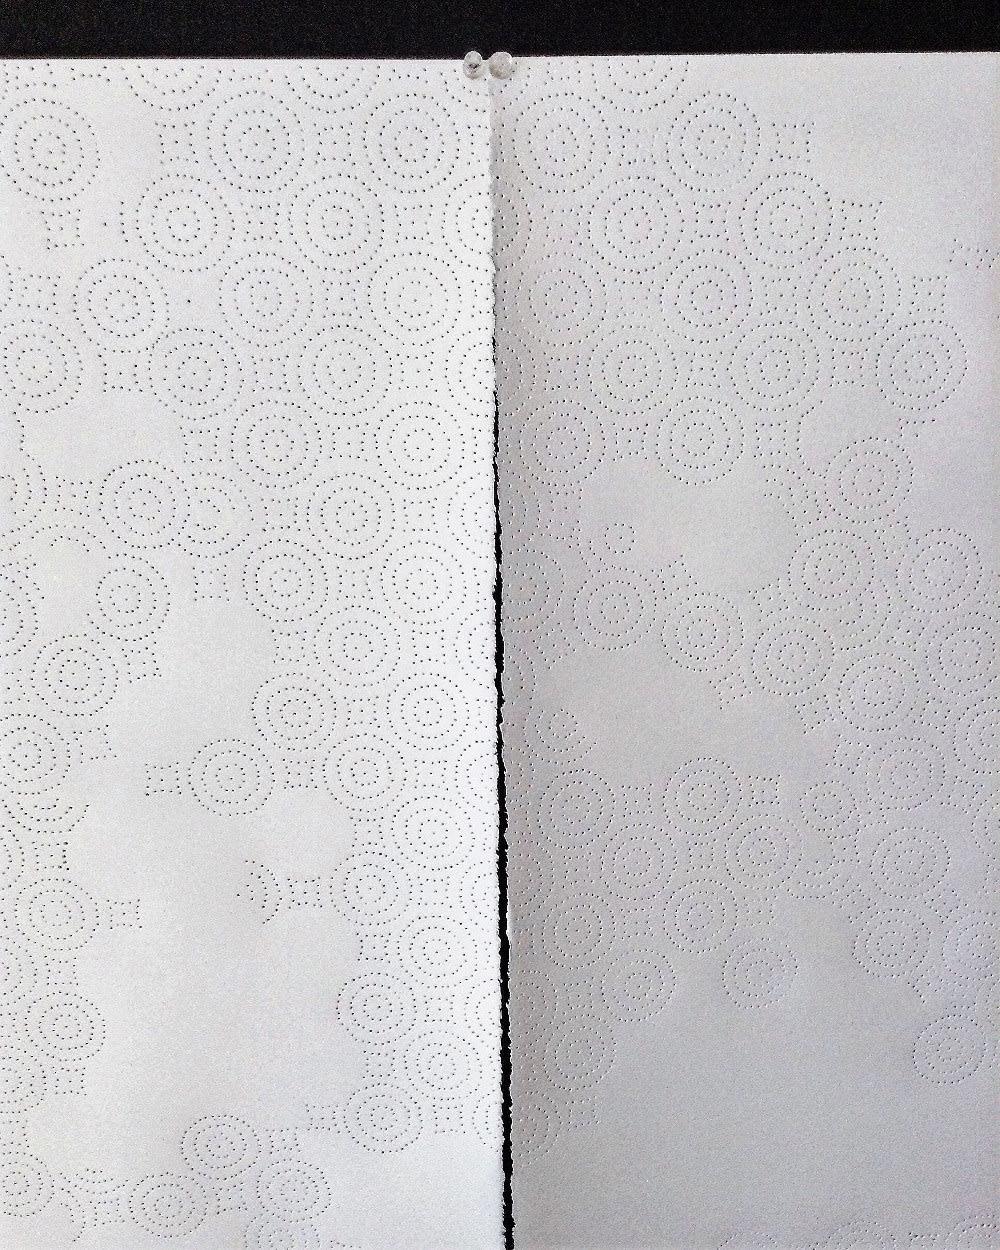 Lucrecia Troncoso, Paper towel sky, 2018